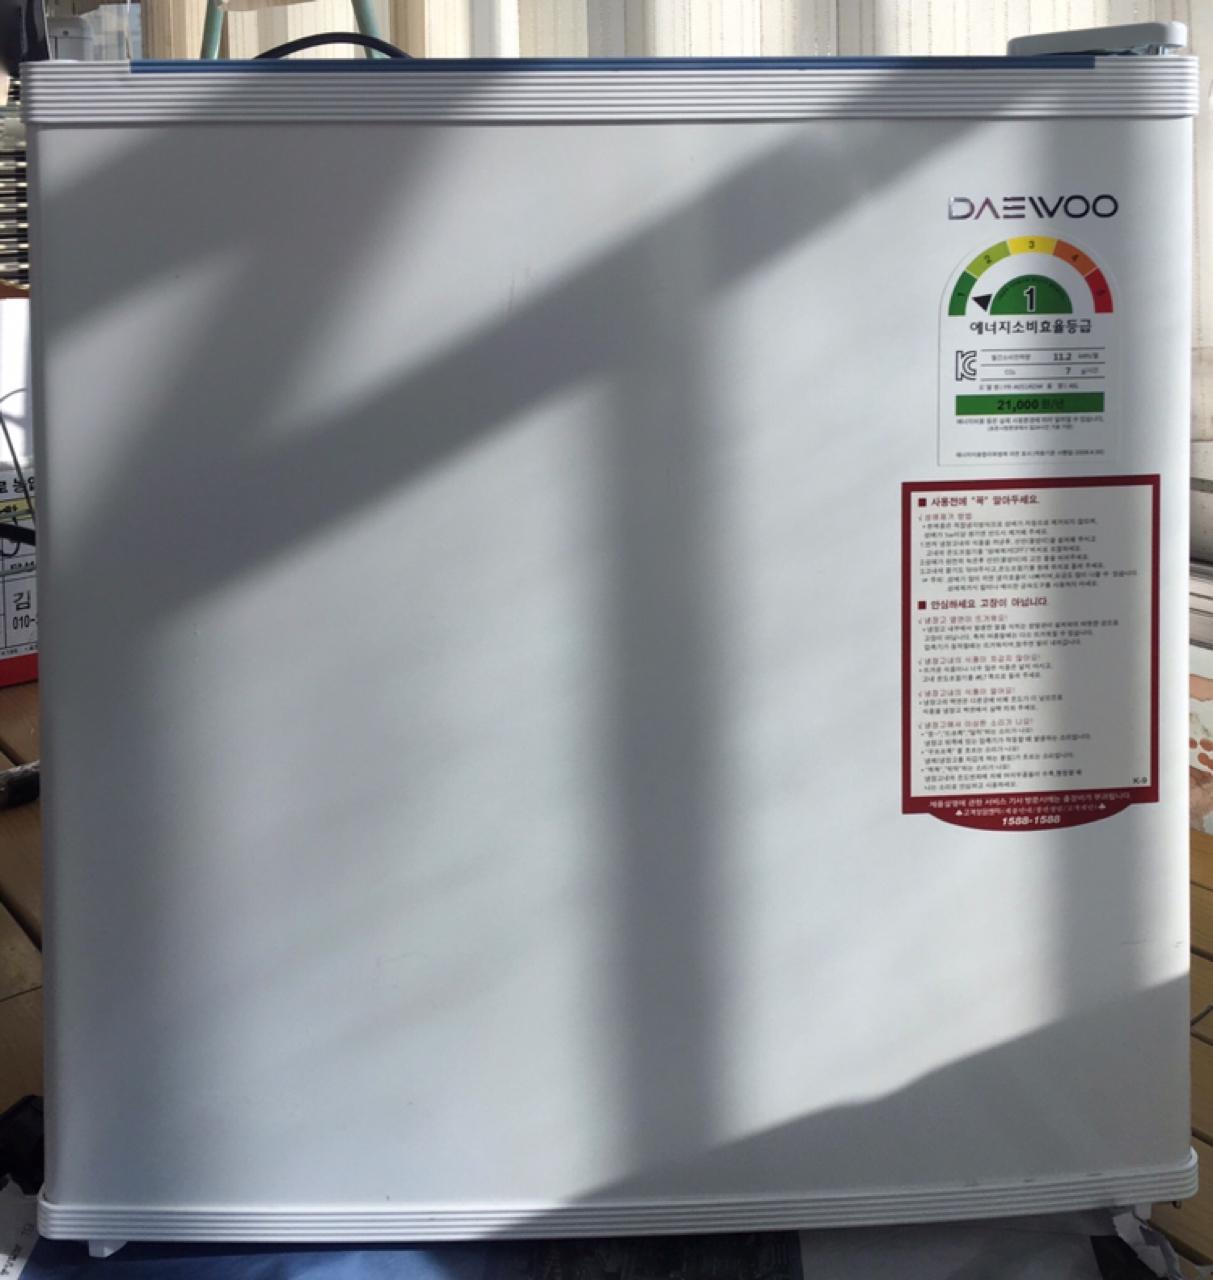 대우 원룸형 냉장고